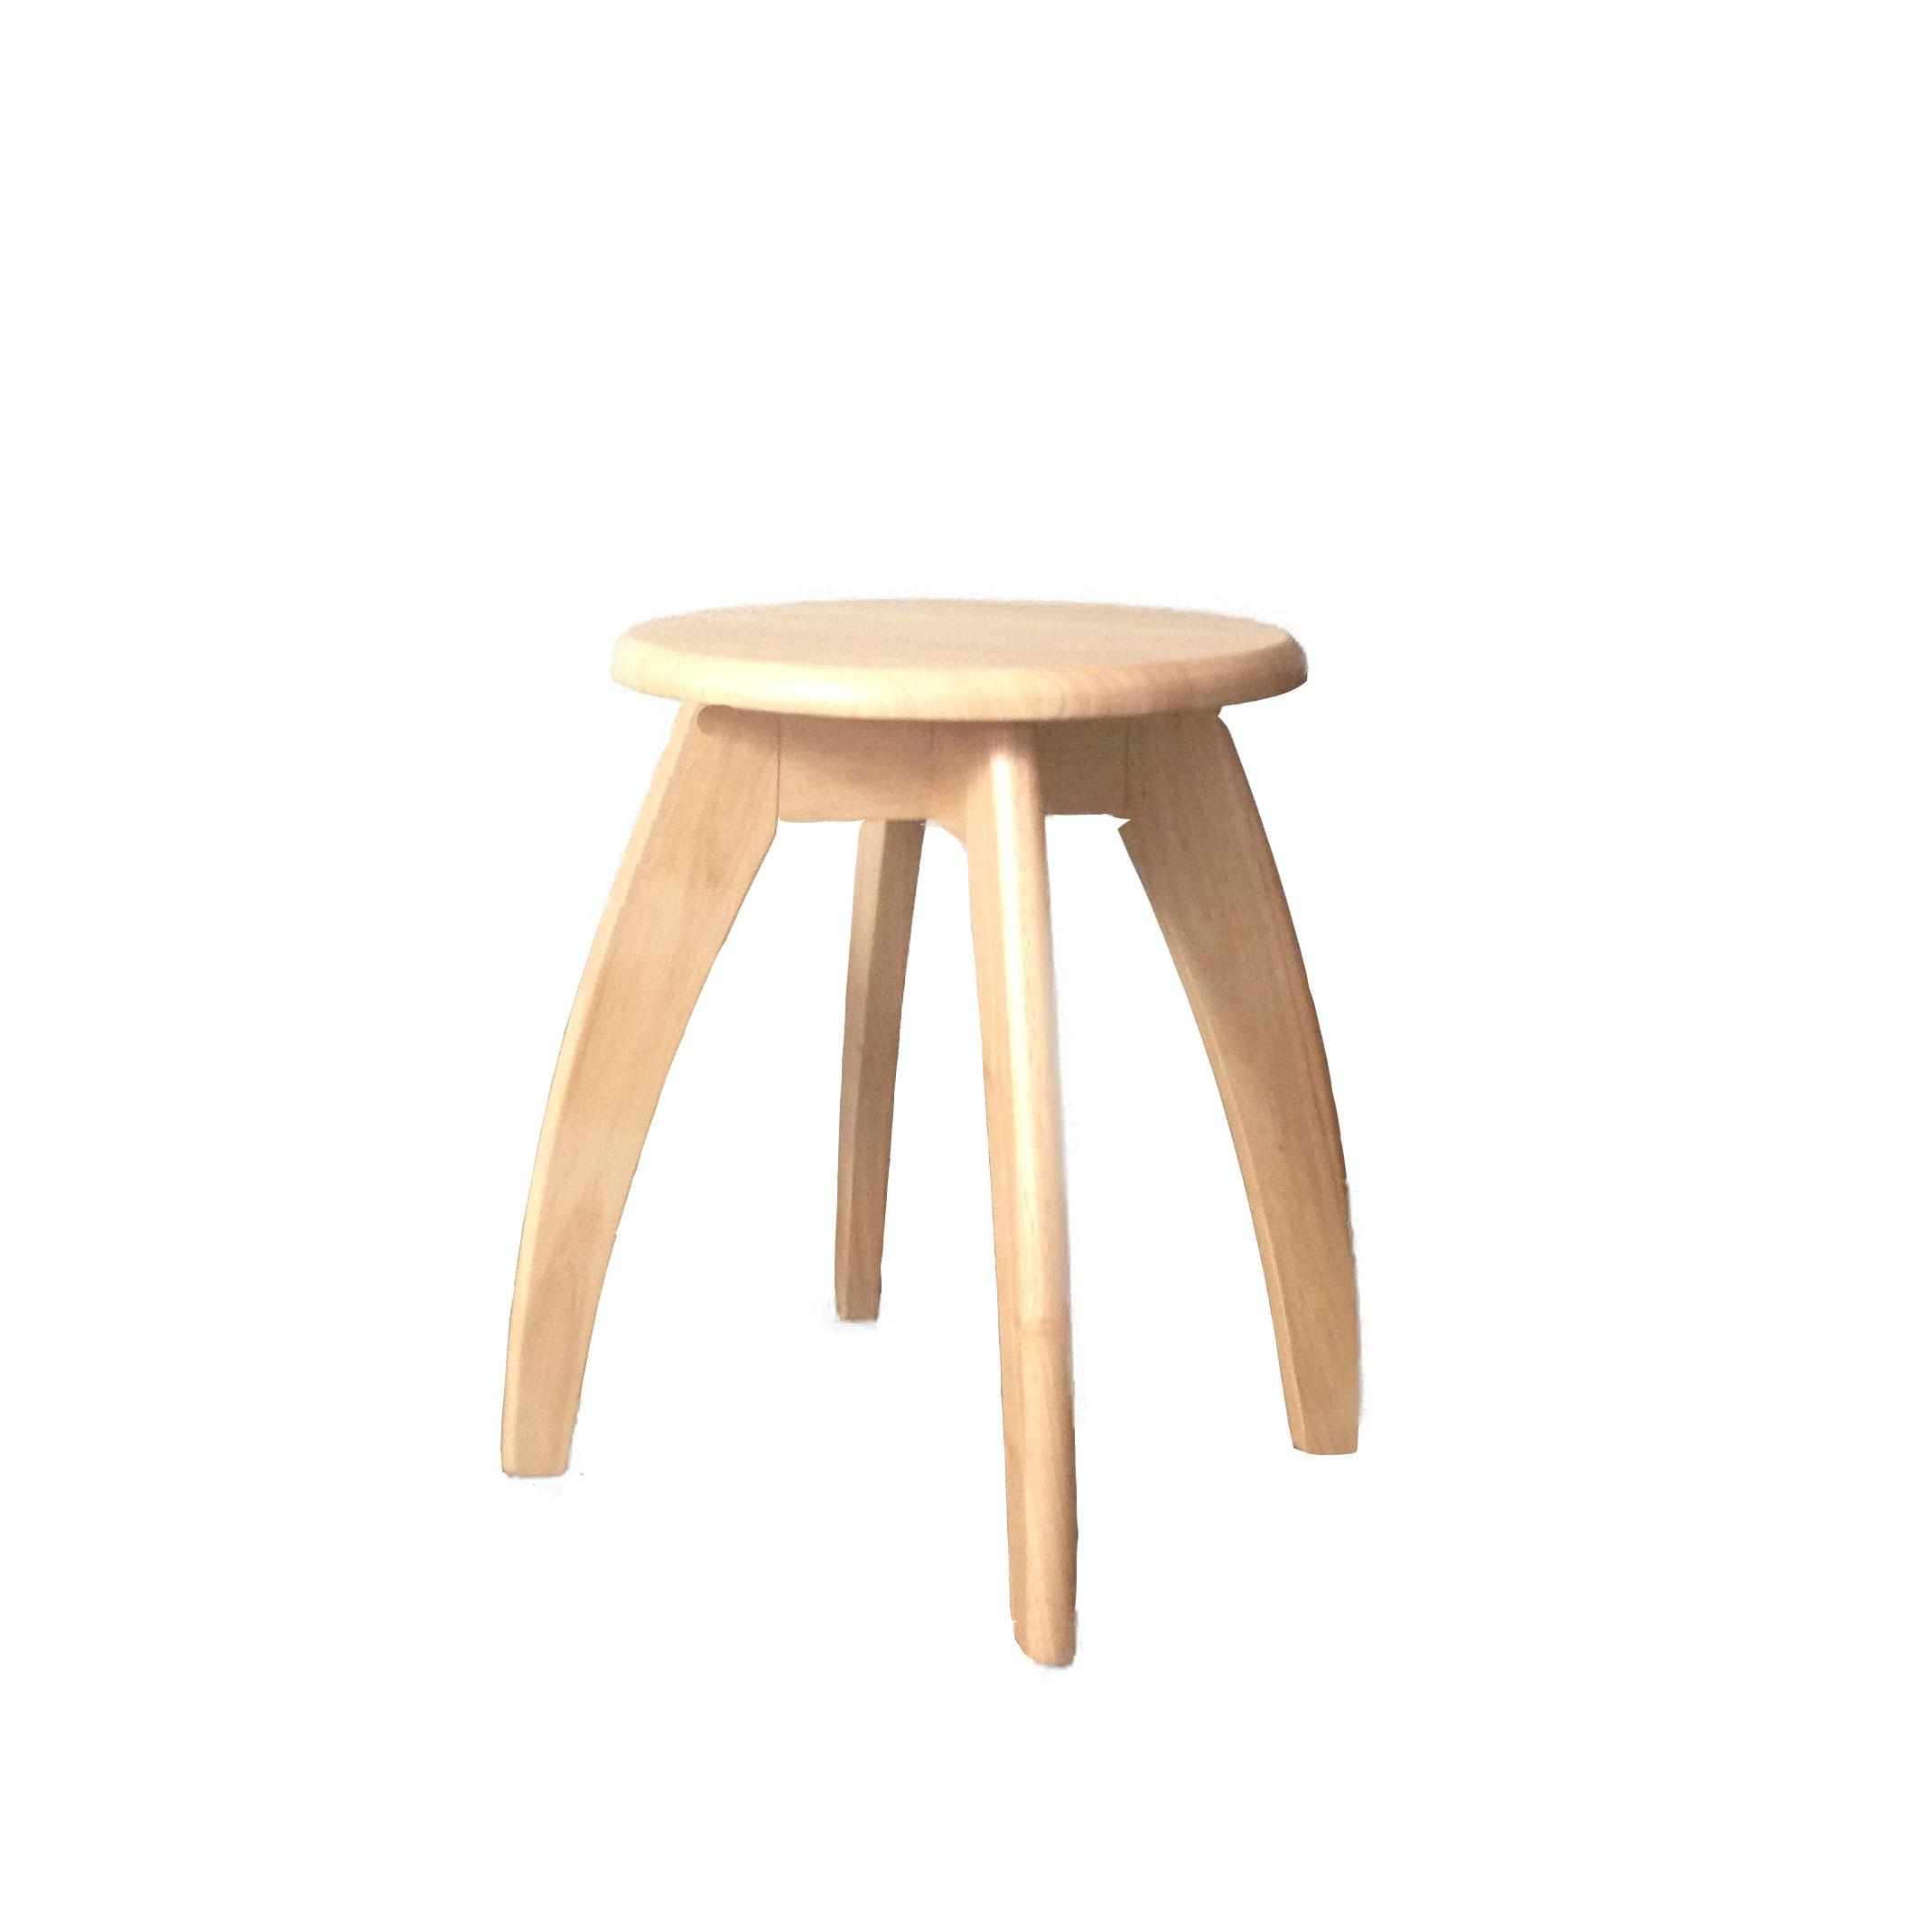 เก้าอี้สตูลร้านกาแฟ ดีไซน์น่ารัก ไม่ซ้ำใคร สำหรับร้านกาแฟ ร้านเบเกอรี่